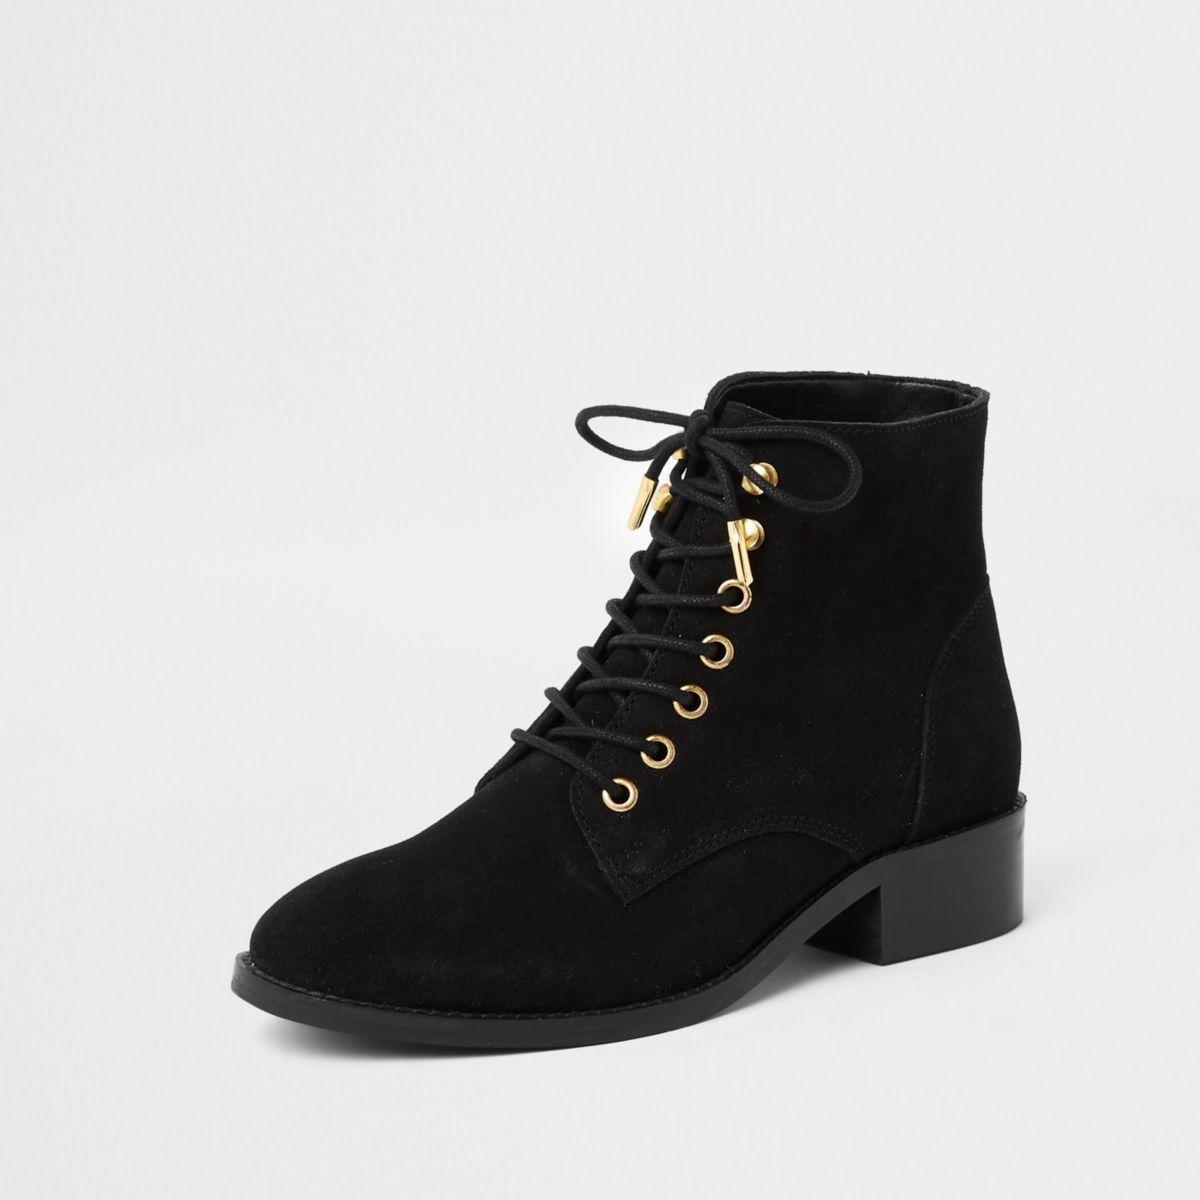 bottines lacets femme noires petit talon